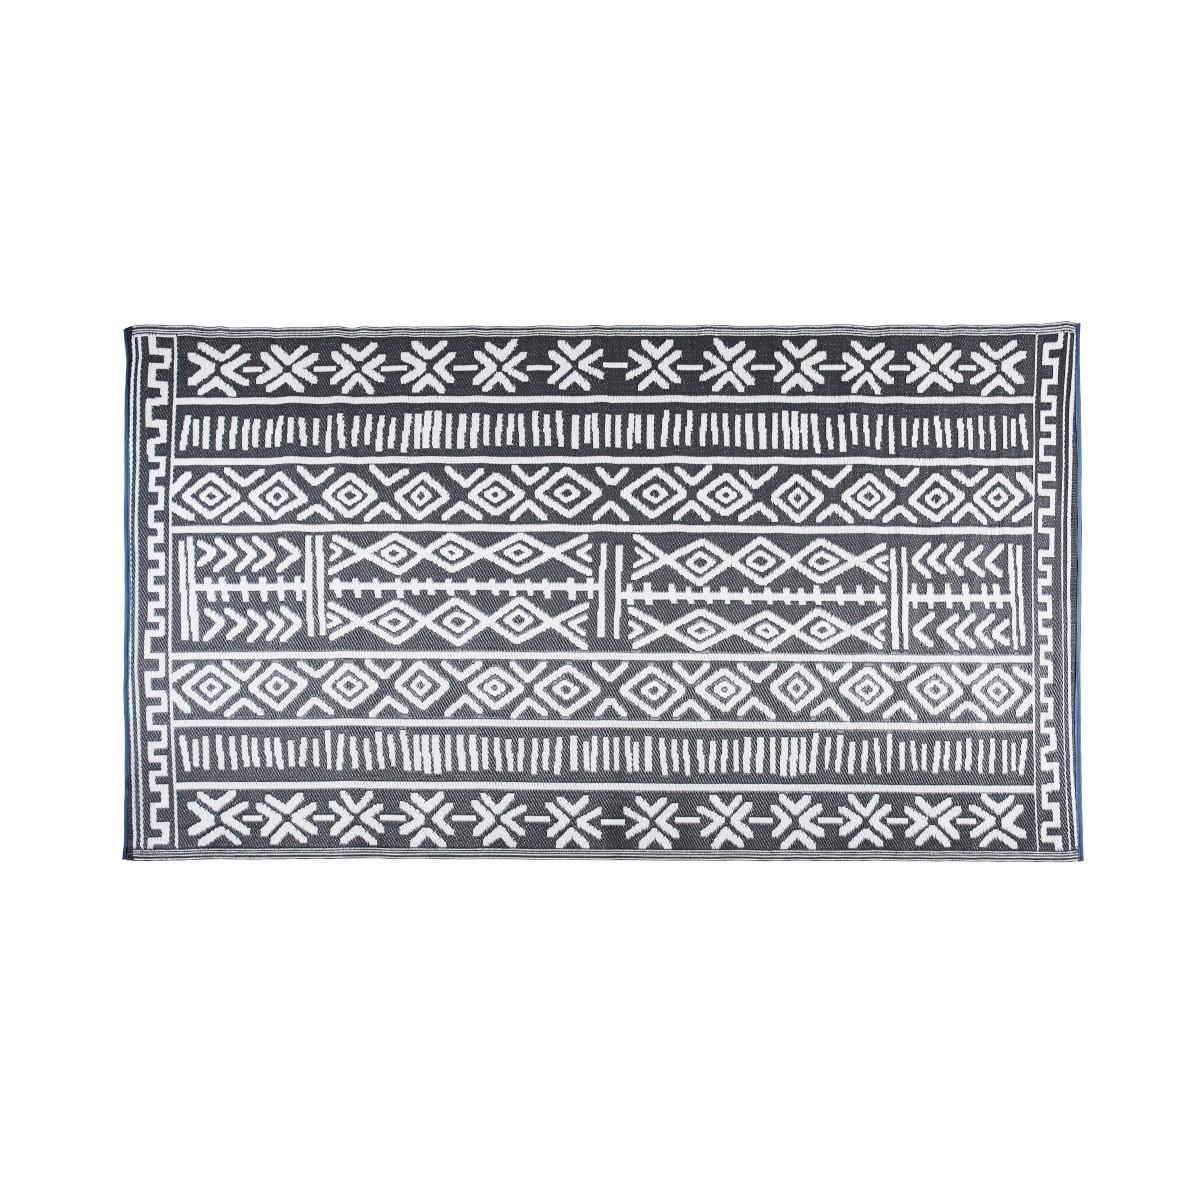 Tapis extérieur ethnique en polypropylène 120 x 180 cm